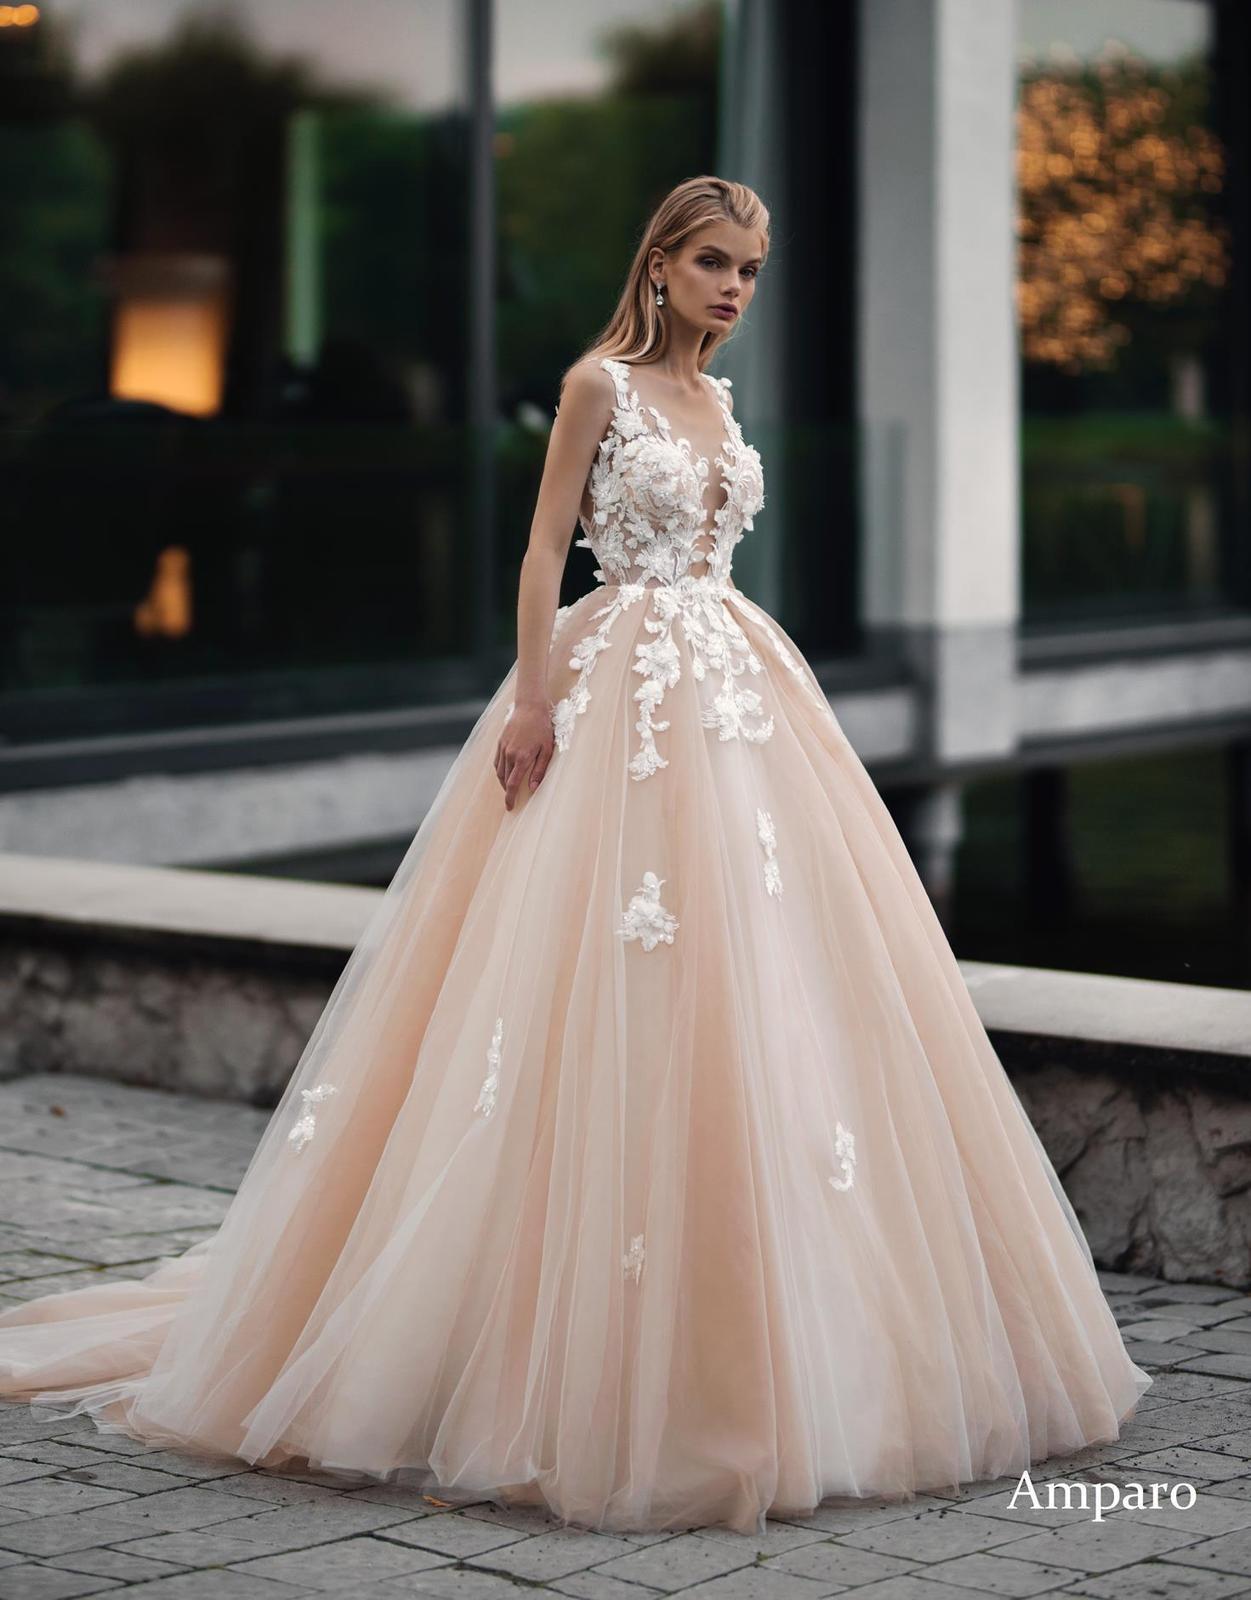 Svadobné šaty ivory/nude VÝPREDAJ 199€ - Obrázok č. 1